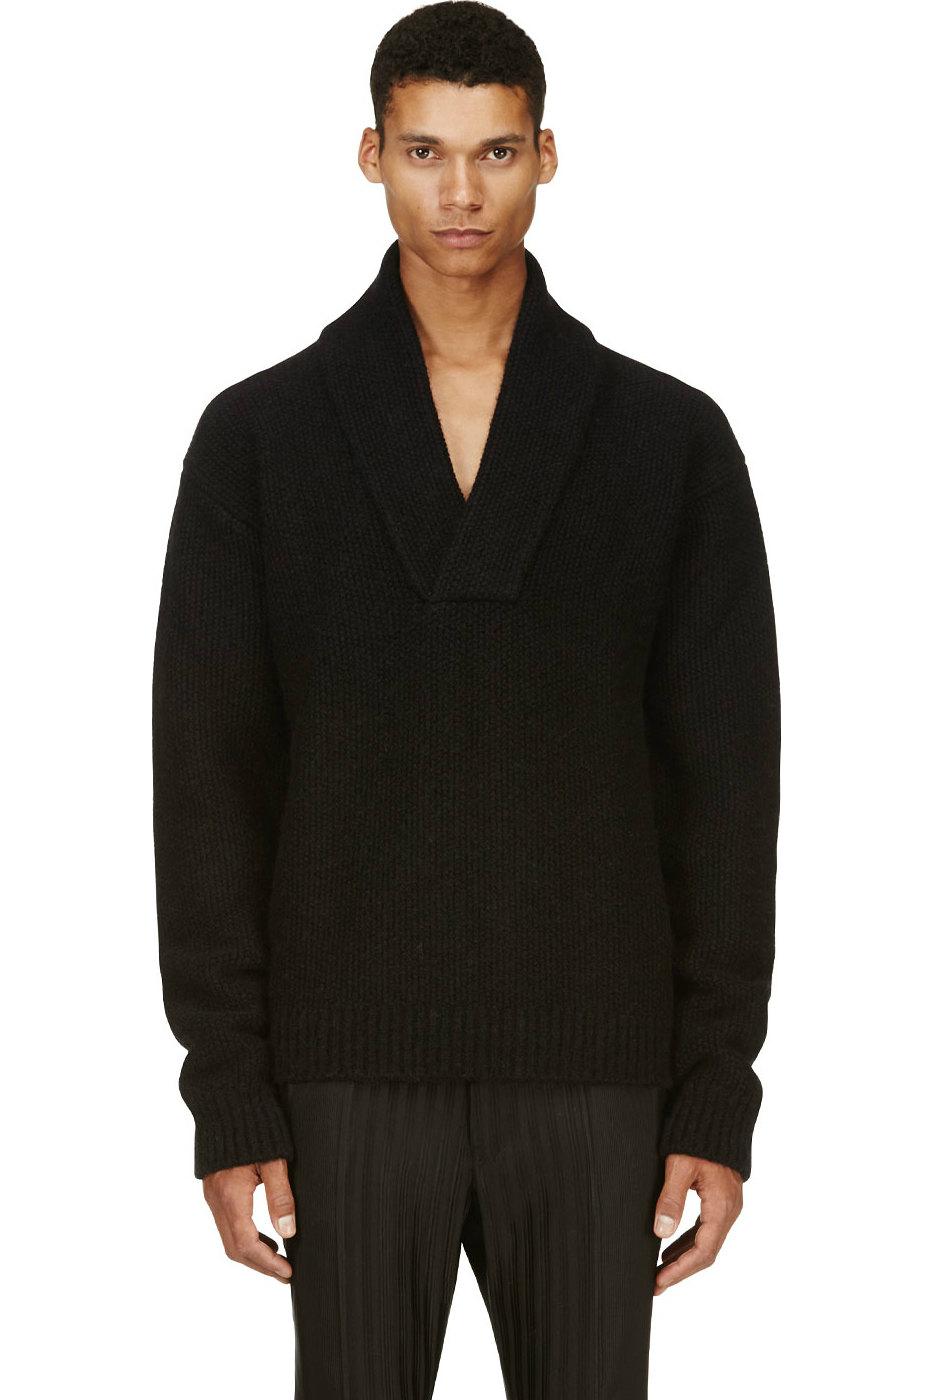 Мужской черный зимний свитер из шерсти с воротником-шалью, Maison Martin Margiela